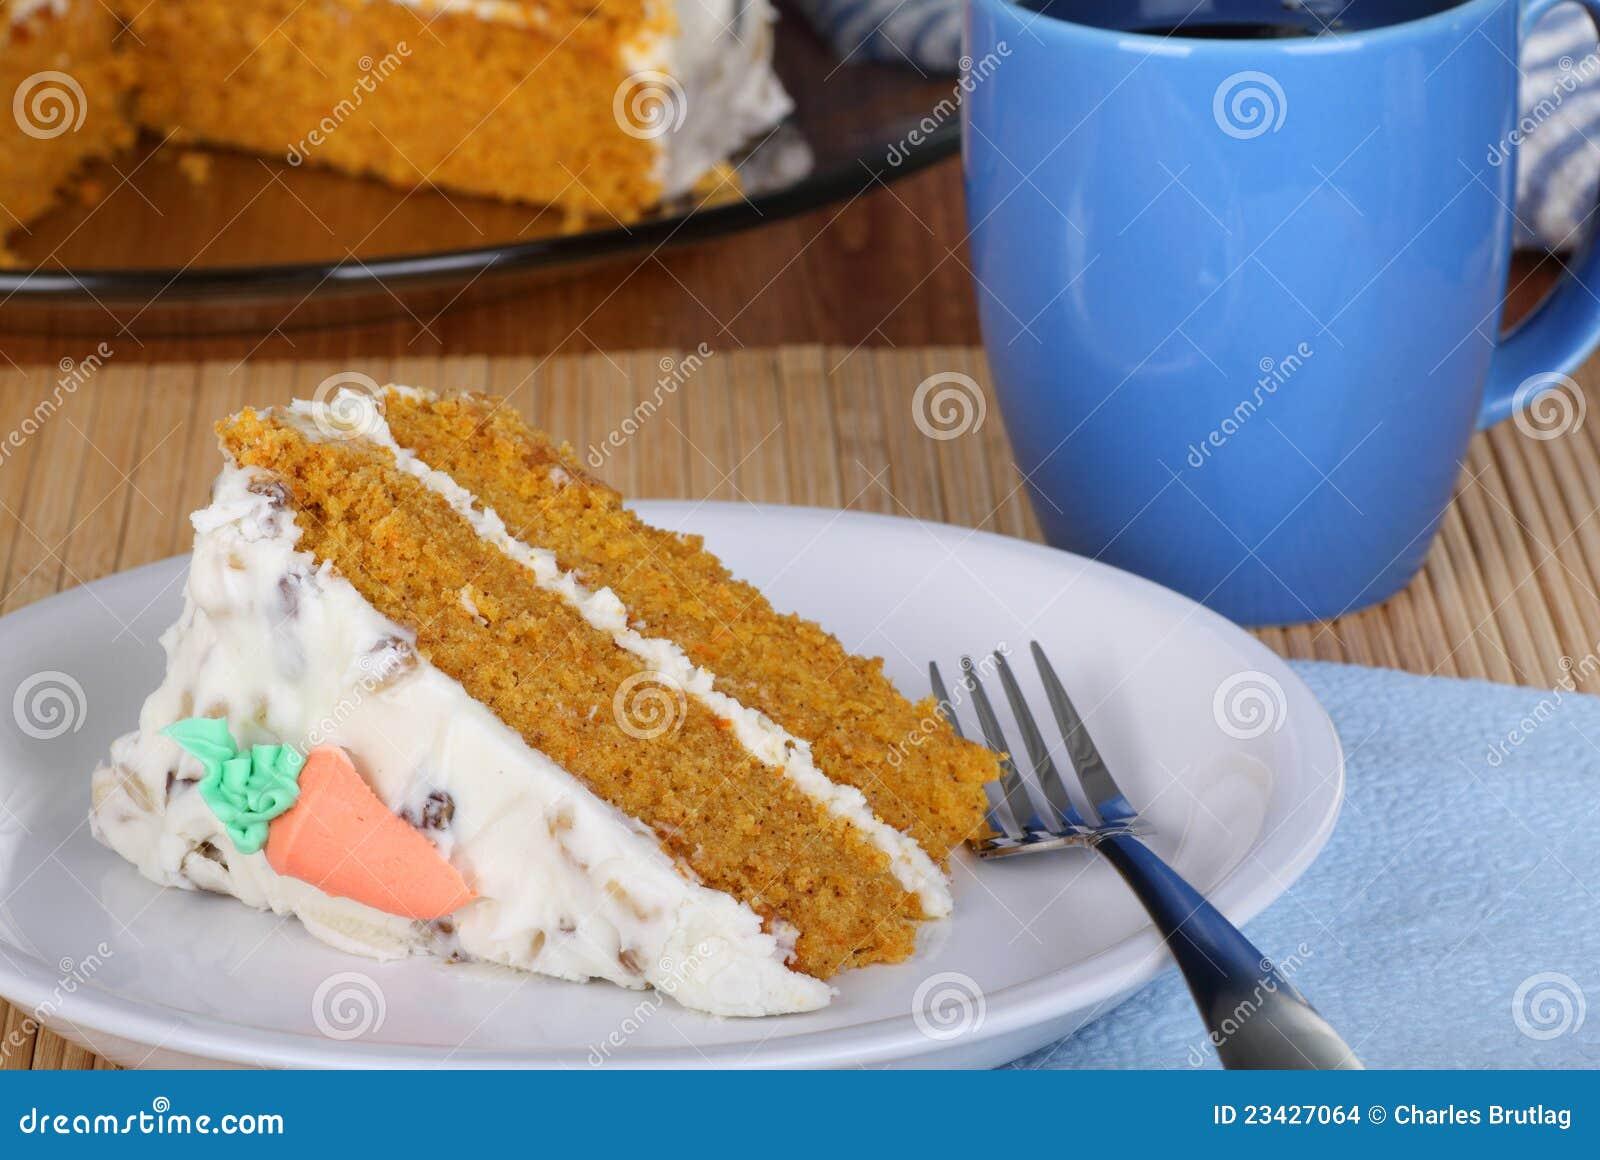 蛋糕红萝卜片式